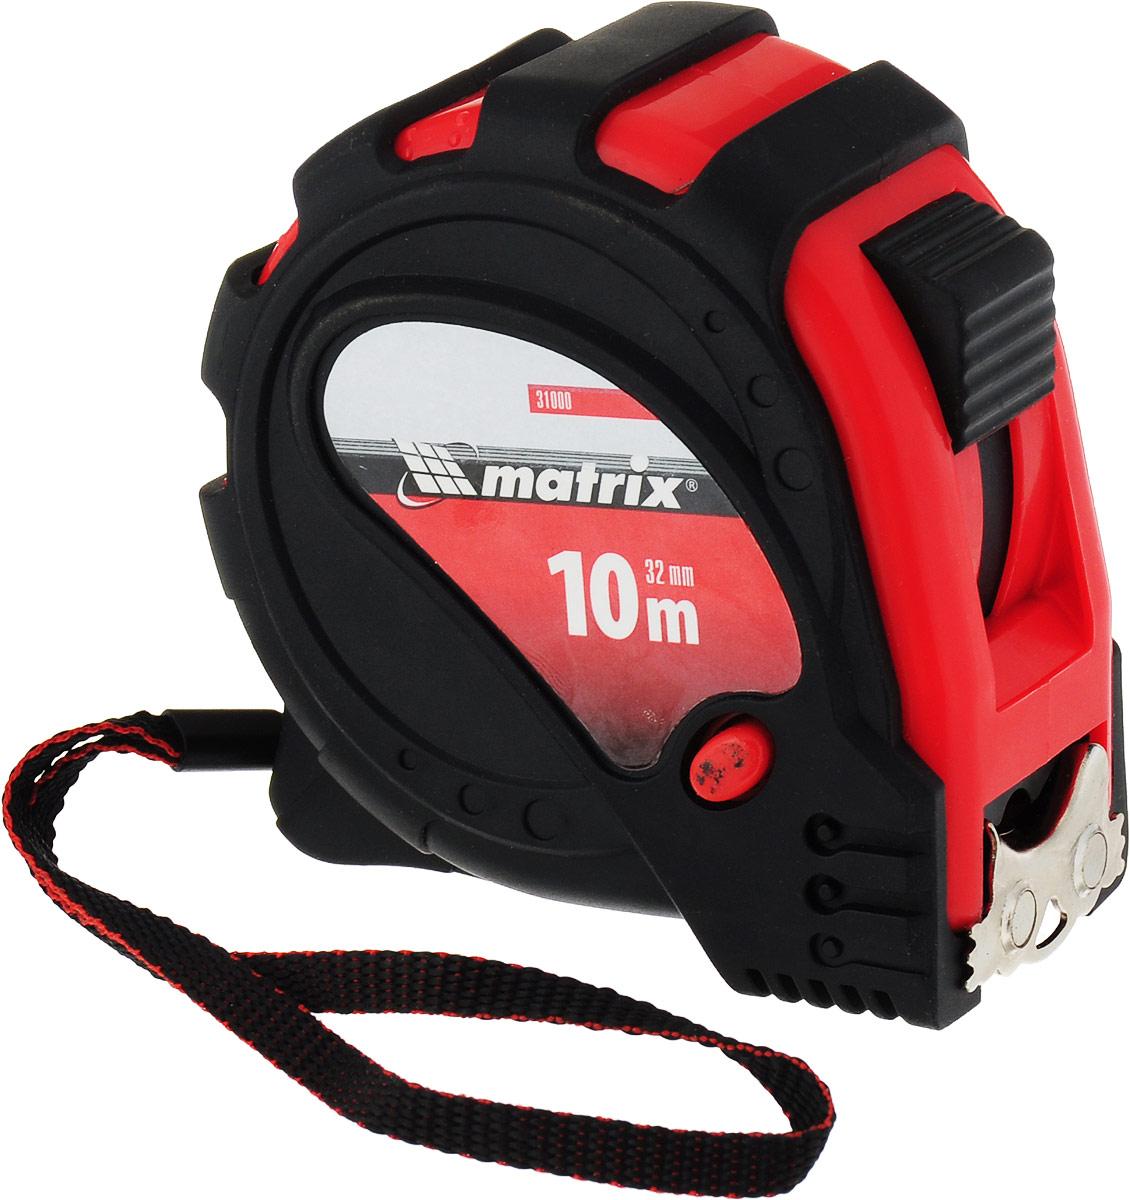 """Рулетка Matrix """"Status Magnet 3 Fixations"""", с магнитным зацепом, цвет: красный, 32 мм х 10 м"""